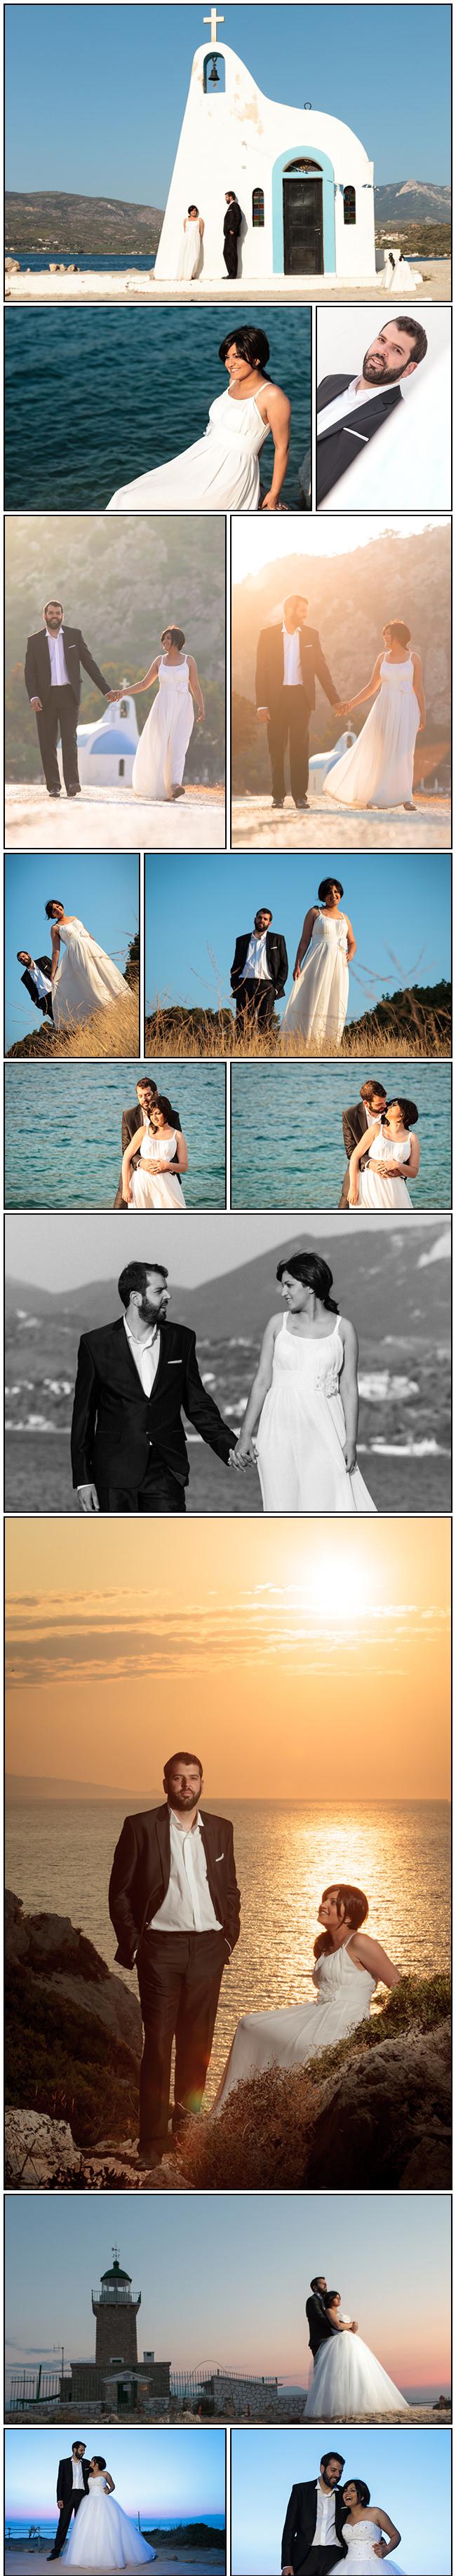 Sofia-Kostas Isthmia wedding - next day photos